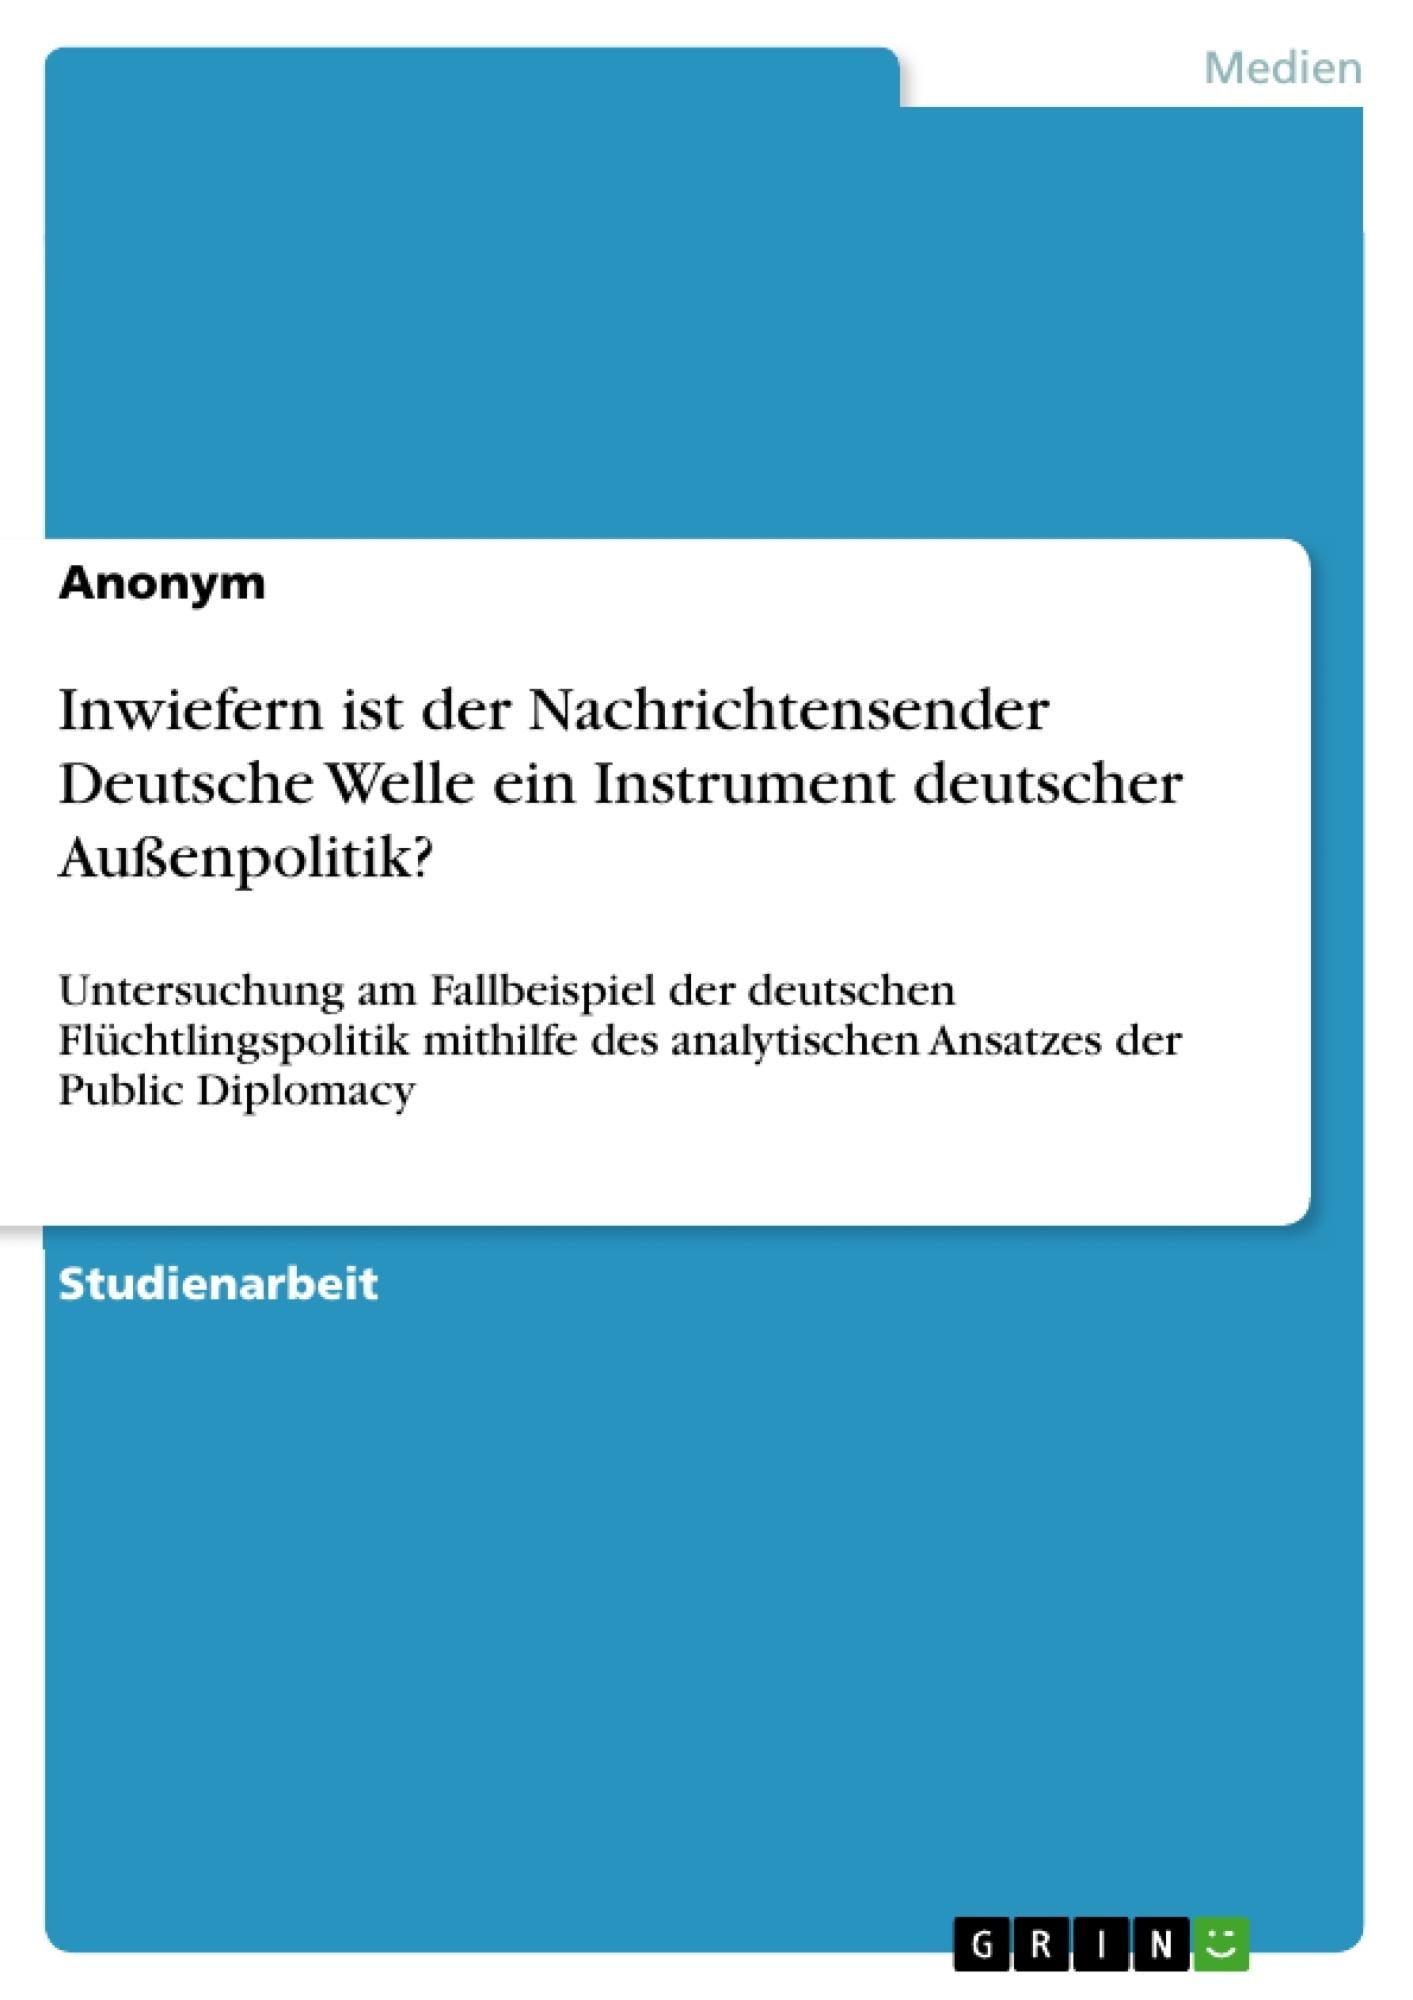 Titel: Inwiefern ist der Nachrichtensender Deutsche Welle ein Instrument deutscher Außenpolitik?